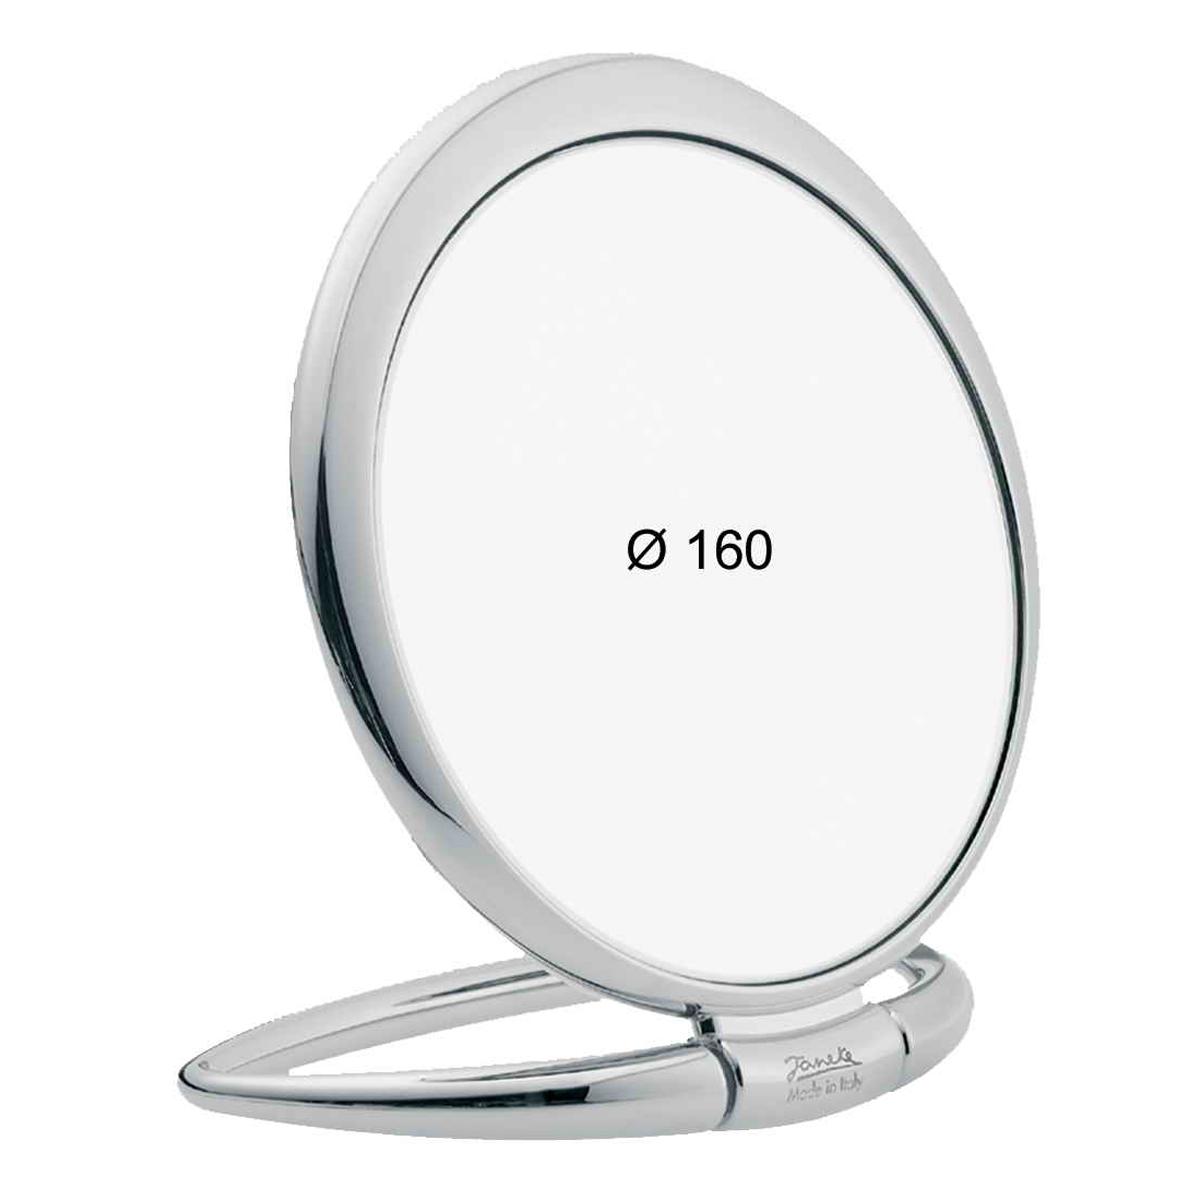 Janeke Зеркало настольное D160, линзы ZEISS, хромированное, CR443.3.587327Марка Janeke – мировой лидер по производству расчесок, щеток, маникюрных принадлежностей, зеркал и косметичек. Марка Janeke, основанная в 1830 году, вот уже почти 180 лет поддерживает непревзойденное качество своей продукции, сочетая новейшие технологии с традициями ста- рых миланских мастеров. Все изделия на 80% производятся вручную, а инновационные технологии и современные материалы делают продукцию марки поистине уникальной. Стильный и эргономичный дизайн, яркие цветовые решения – все это приносит истин- ное удовольствие от использования аксессуаров Janeke. Зеркала для дома итальянской марки Janeke, изготовленные из высококачественных материалов и выполненные в оригинальном стильном дизайне, дополнят любой интерьер. Односторонние или двусторонние, с увеличением и без, на красивых и удобных подс- тавках – зеркала Janeke прослужат долго и доставят истинное удо- вольствие от использования